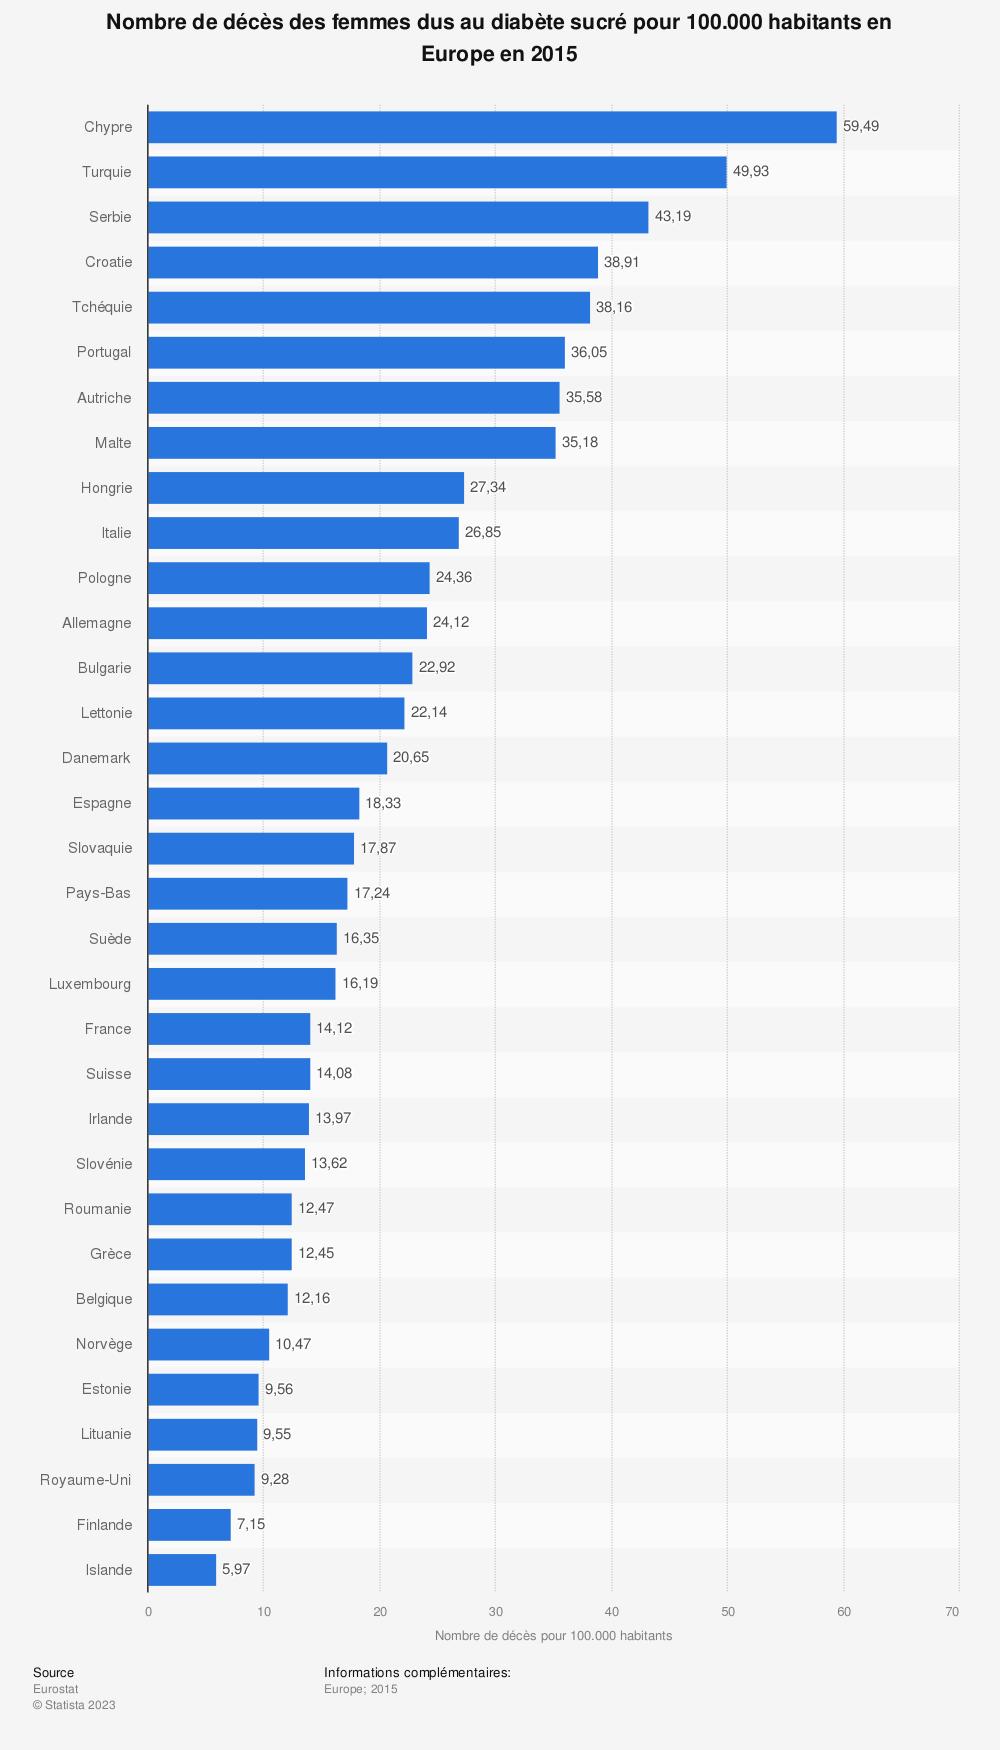 Statistique: Nombre de décès des femmes dus au diabète sucré pour 100.000 habitants en Europe en 2015 | Statista